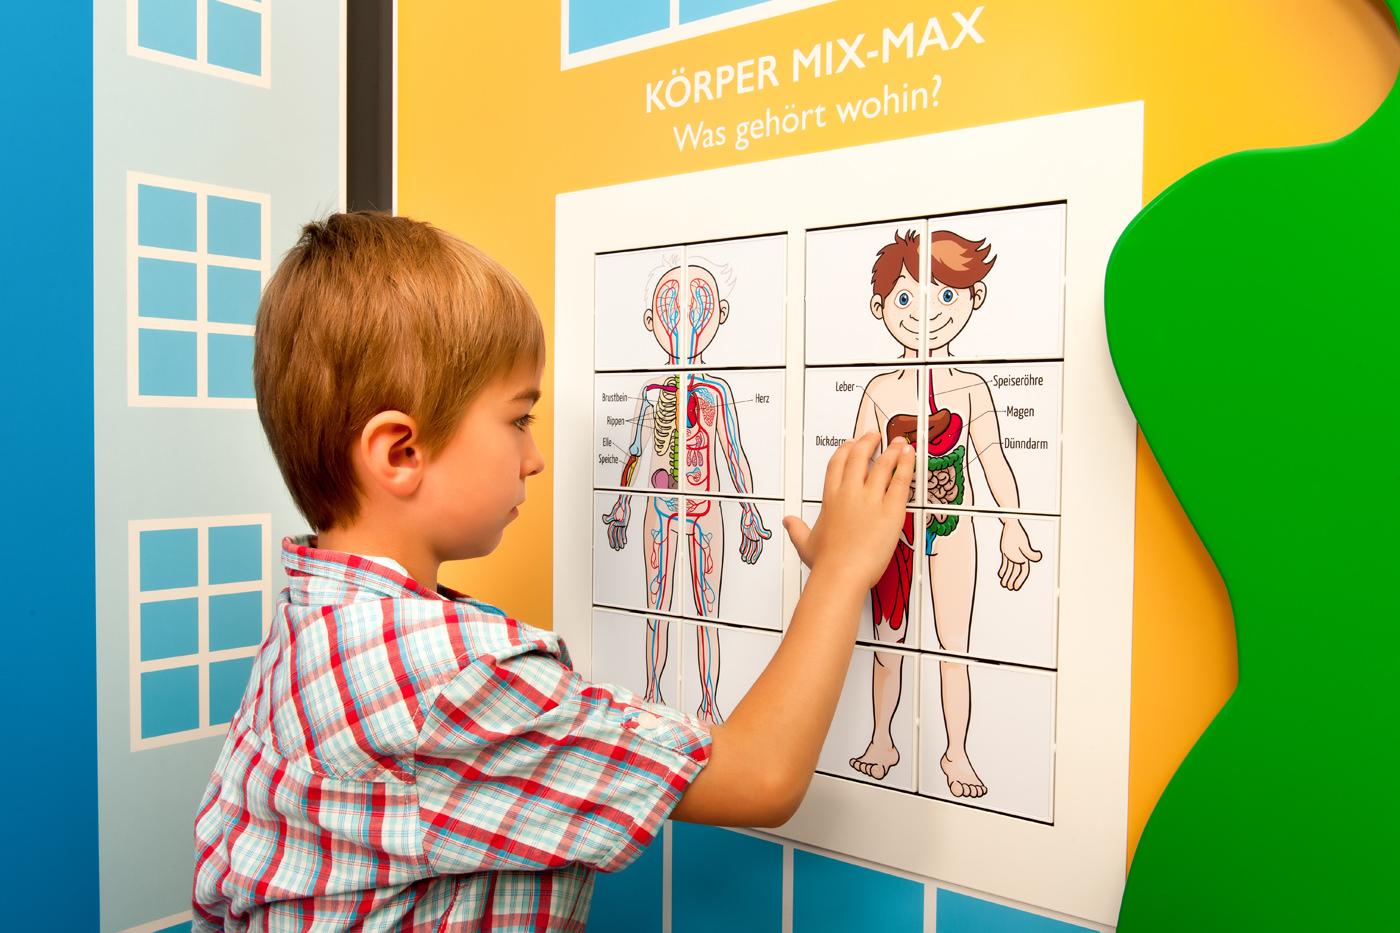 Kinderspielbereiche, Spielecke im Wartebereich, OSK Wangen, Oberschwaben Klinik, Kulissenwand, Mix-Max, Agentur Ravensburger